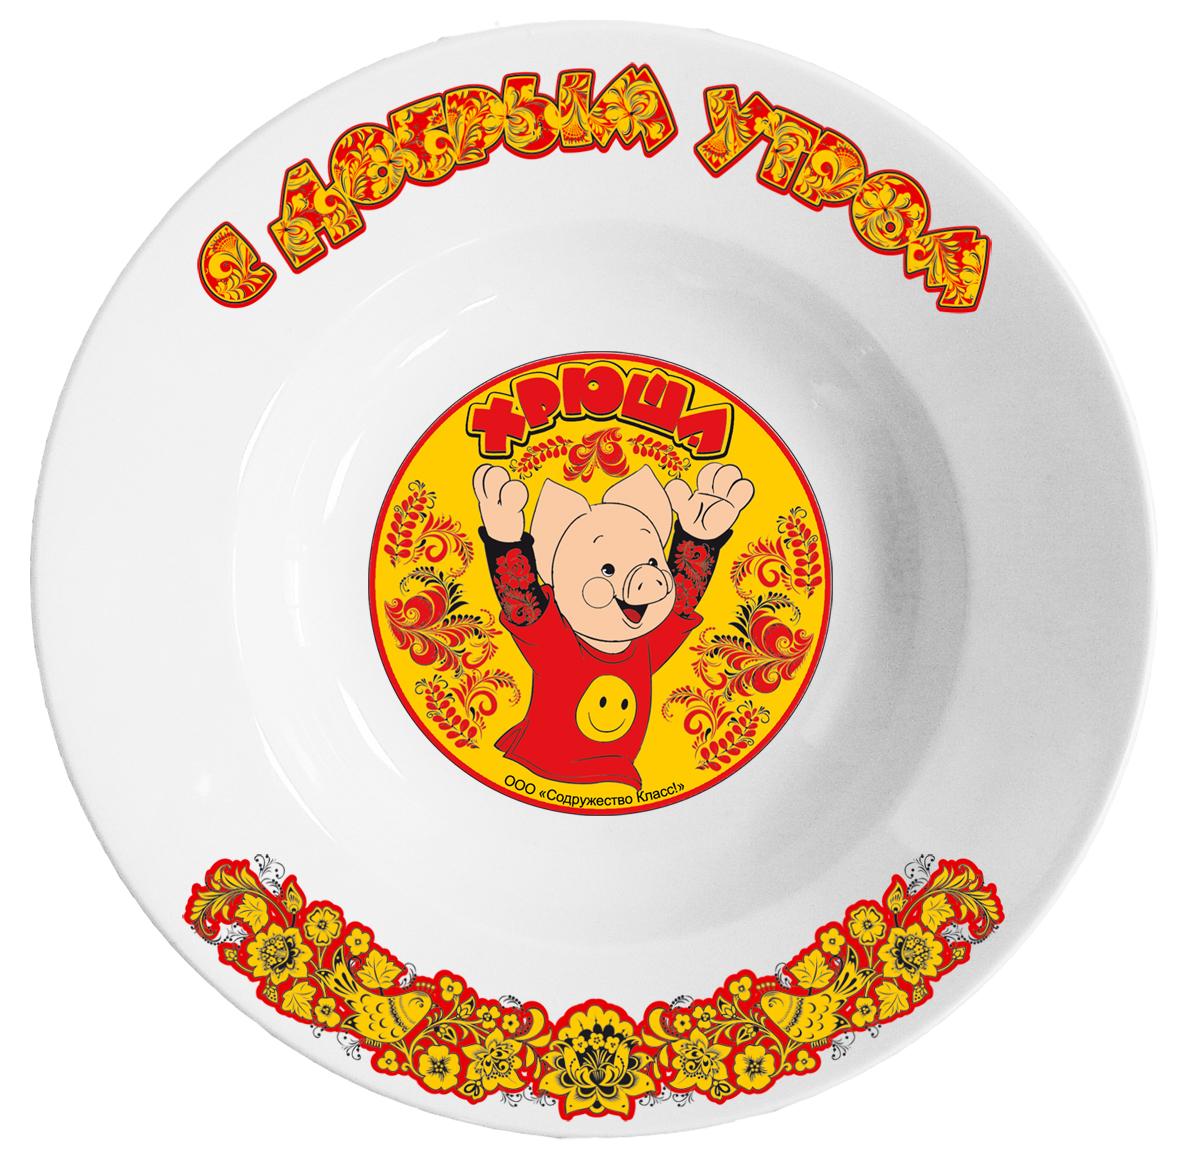 Тарелка фарфоровая глубокая 20 см для первых и вторых блюд с персонажем известных детских телепередач -ХРЮША. Произведено в России из качественного фарфора. Можно мыть в посудомоечной машине.